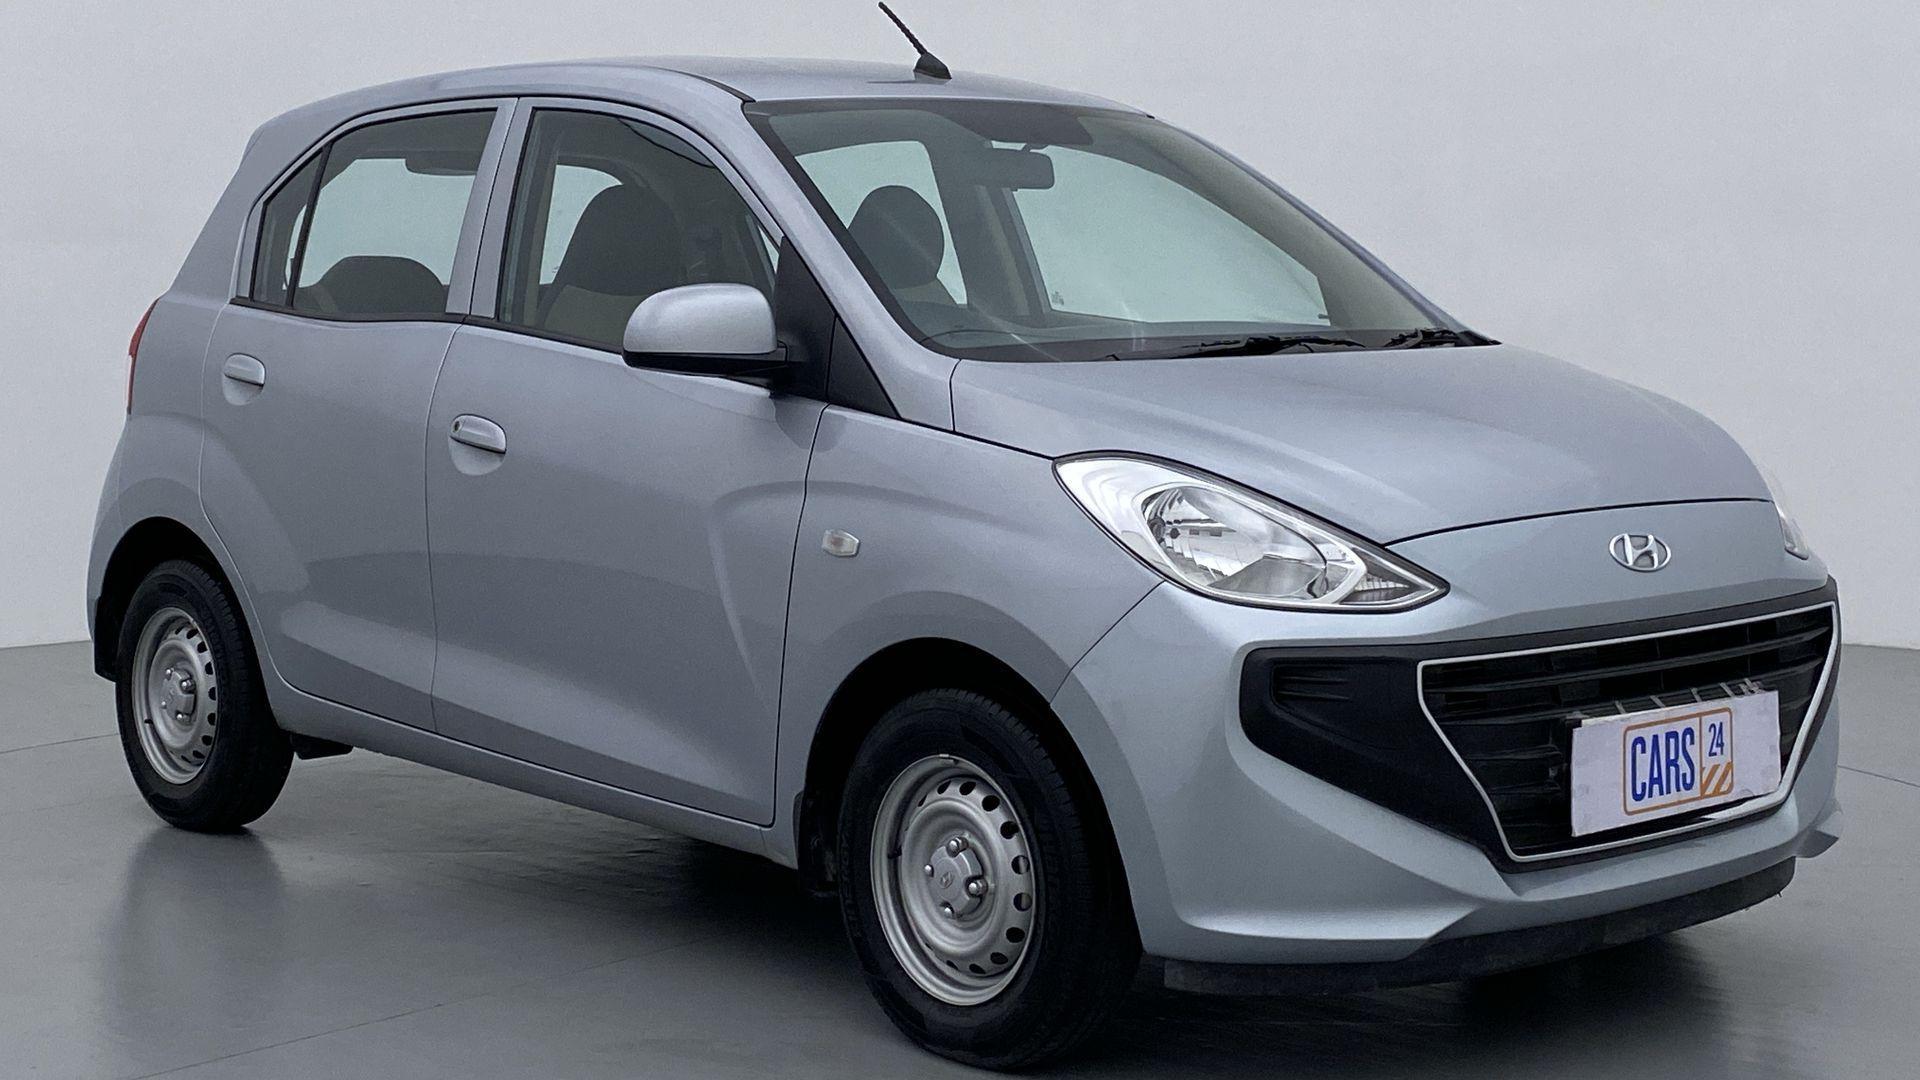 2019 Hyundai NEW SANTRO 1.1 MAGNA MT